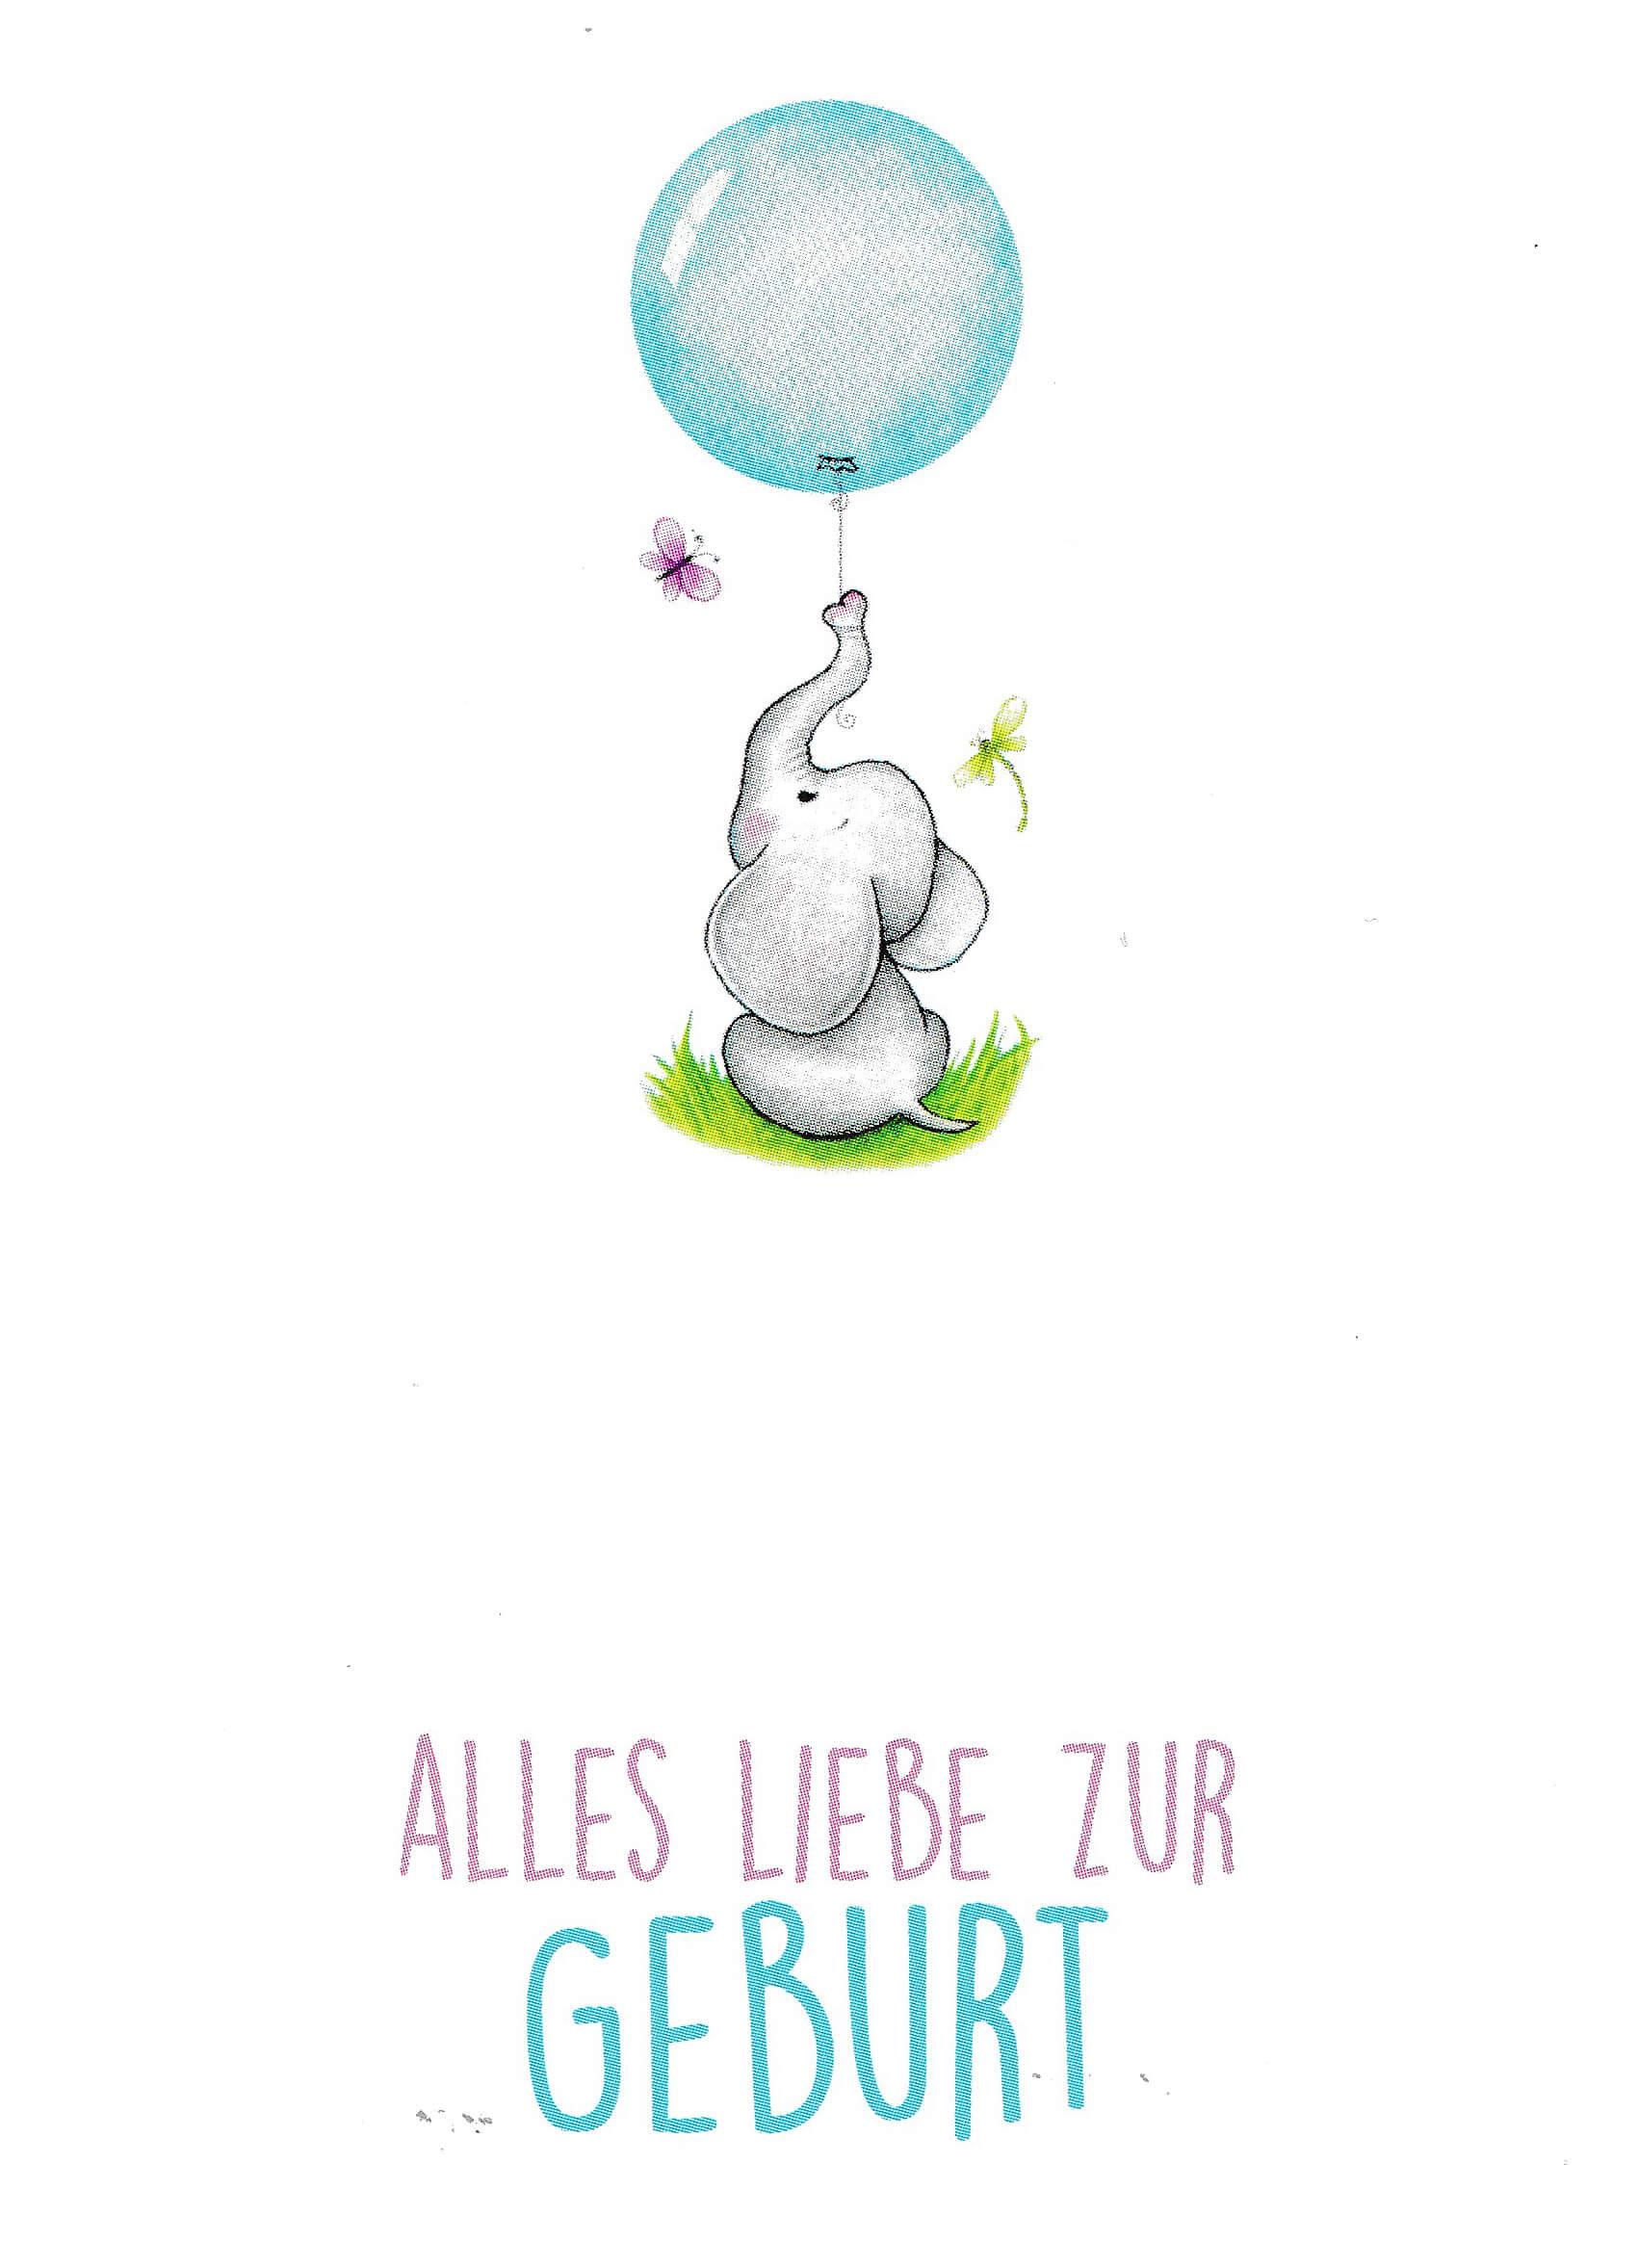 Grusskarte-Elefant-Alles-Liebe-zur-Geburtvg3kYibomKJT9